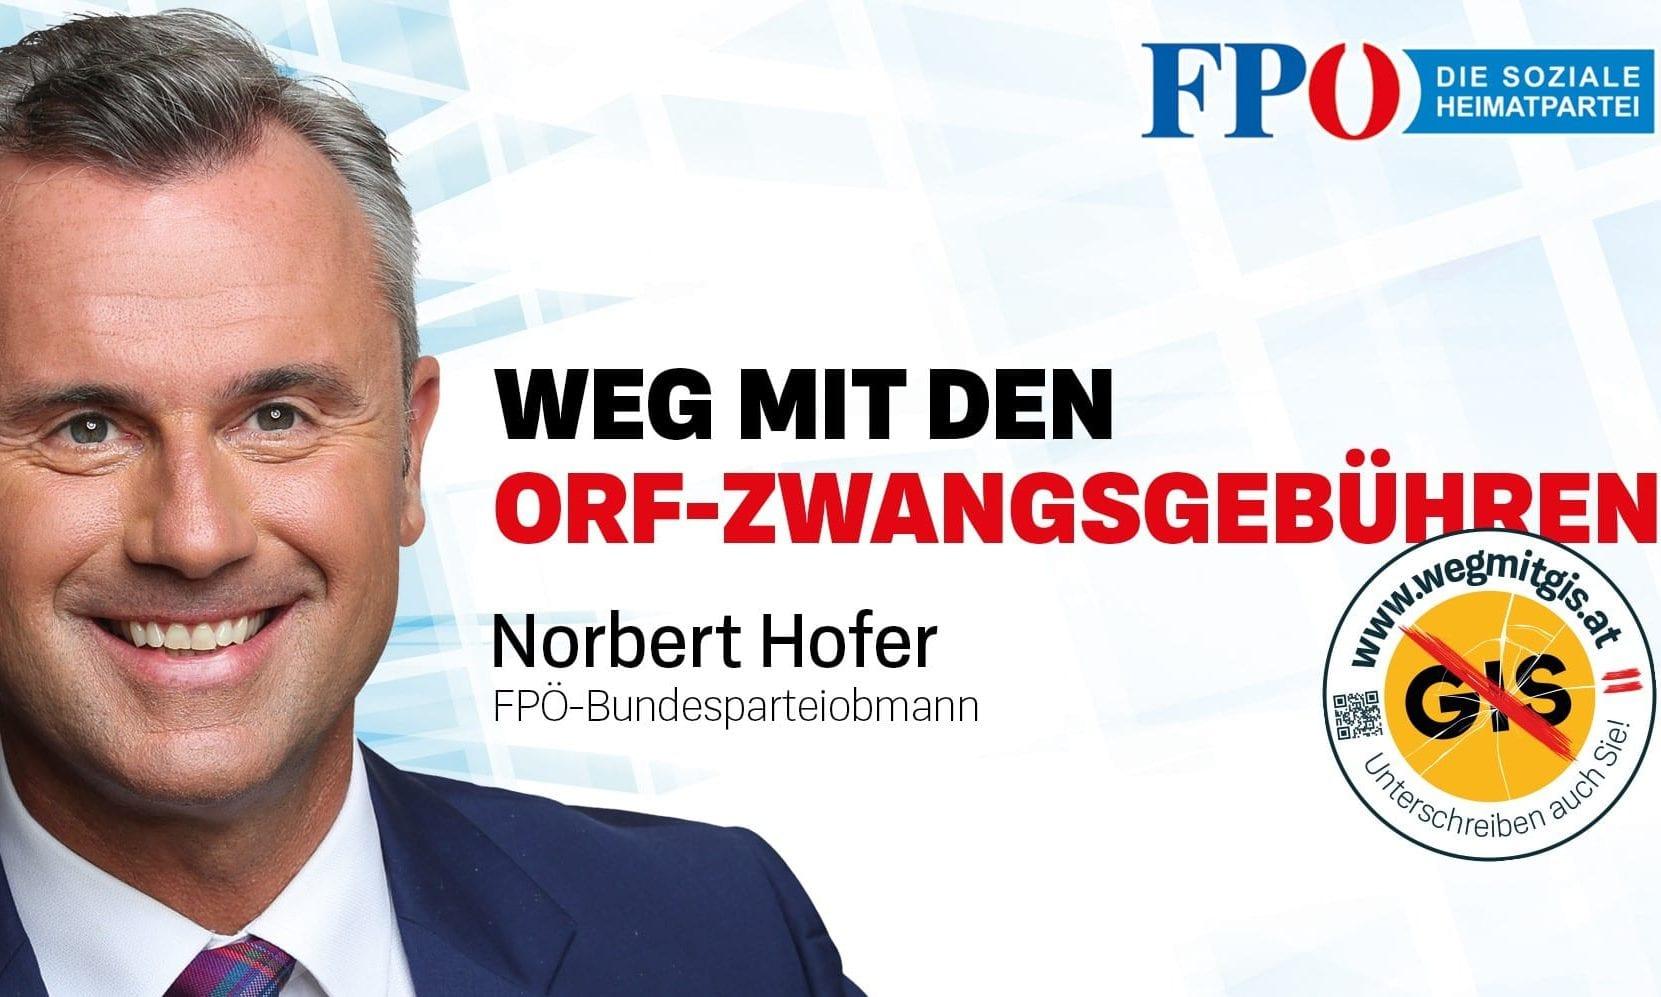 FPÖ startet mit www.wegmitgis.at Onlinepetition zur Abschaffung der GIS-Gebühr